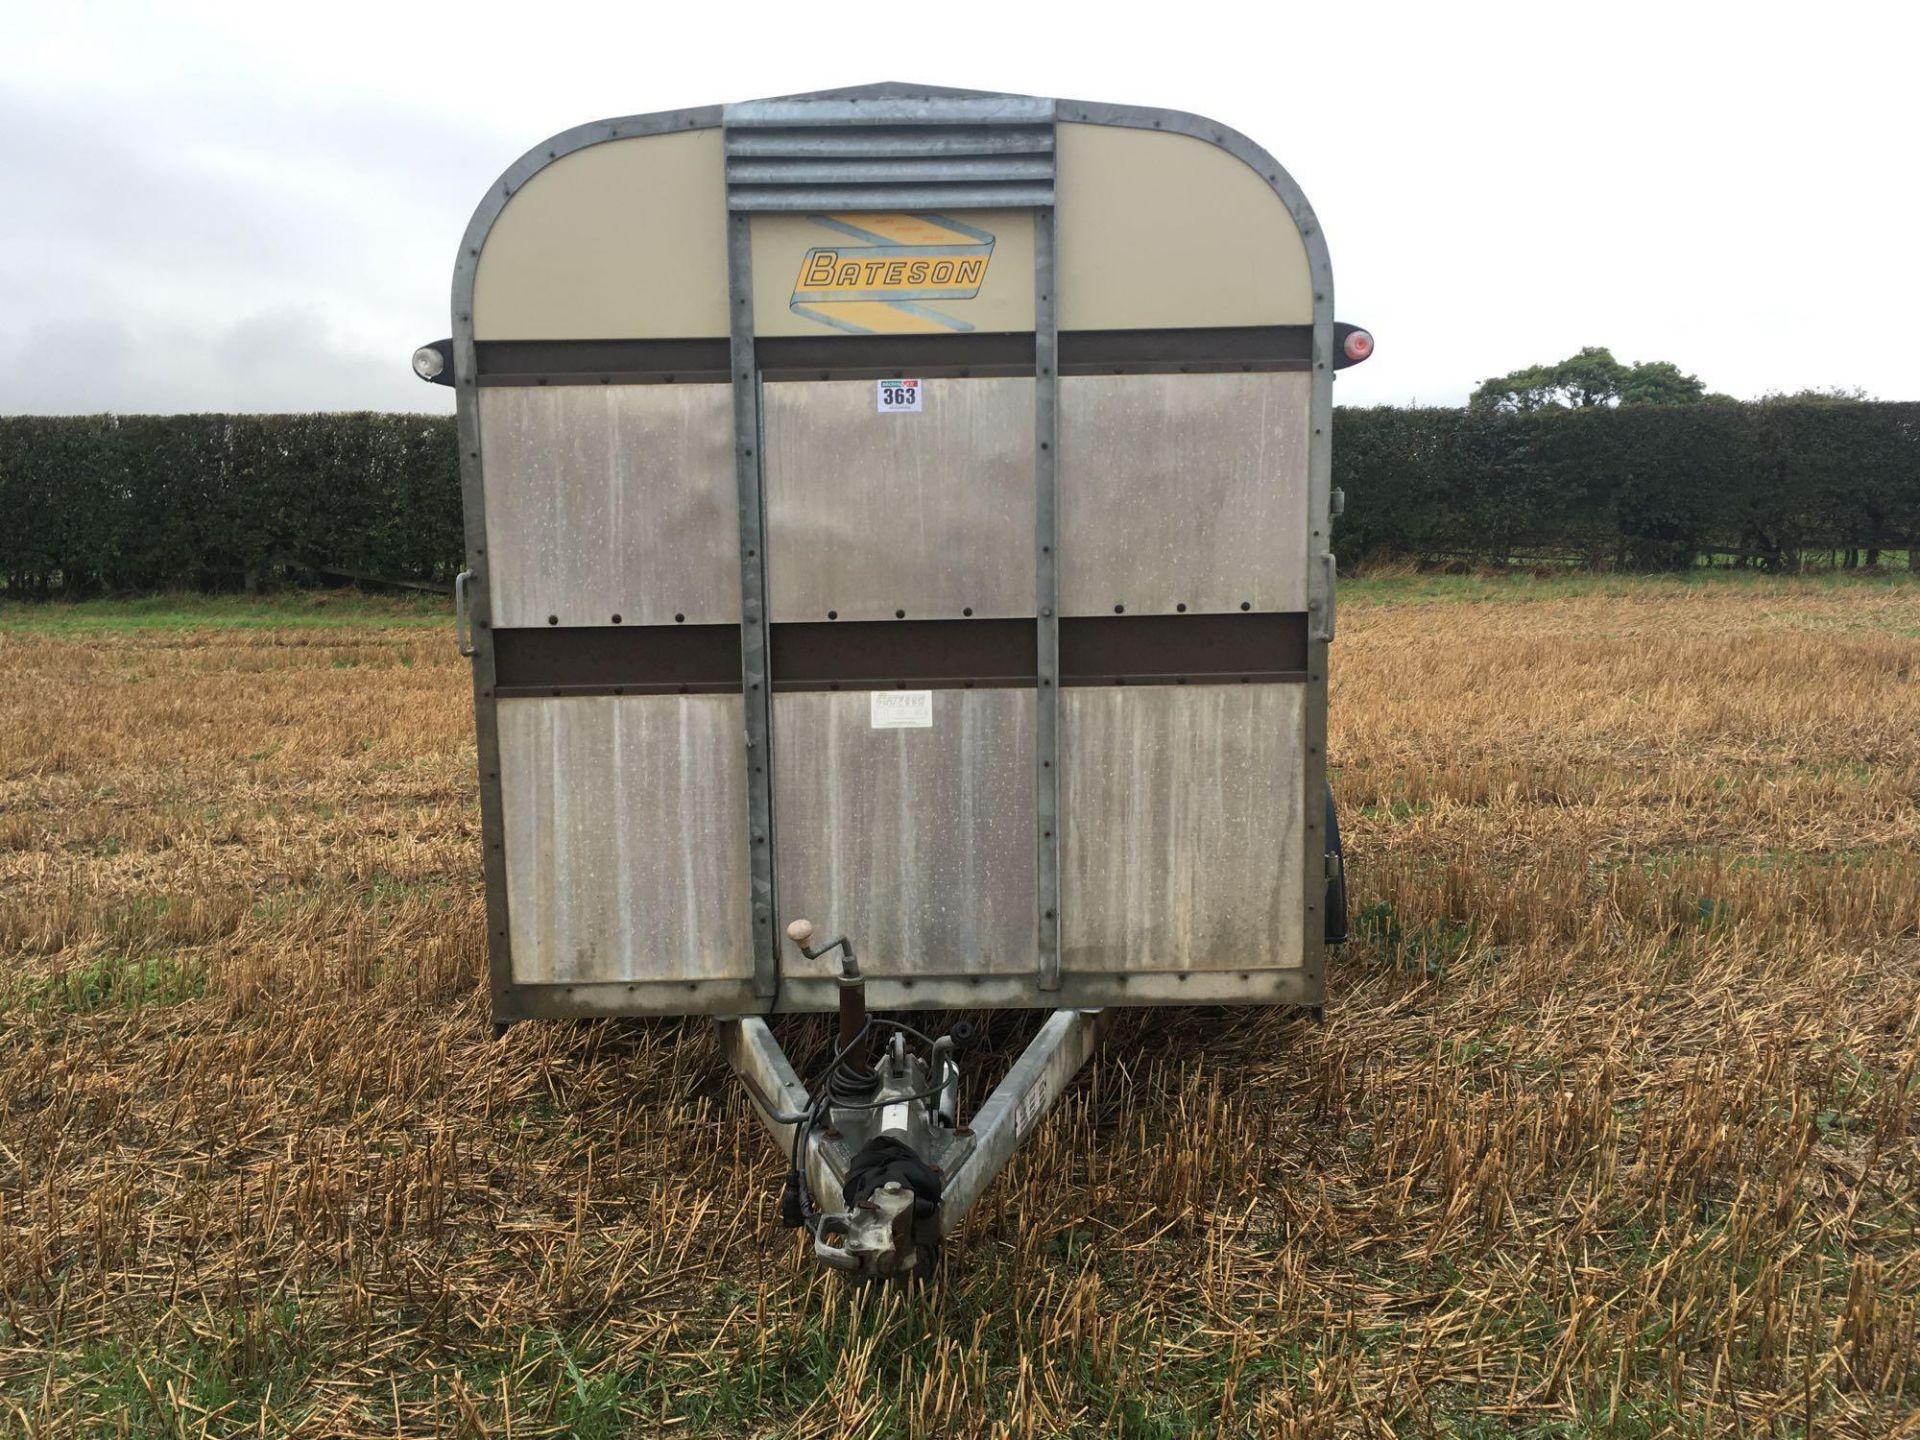 1996 Bateson Trailers 45LT twin axle livestock box, sprung rear door, side door, home made calf part - Image 2 of 14